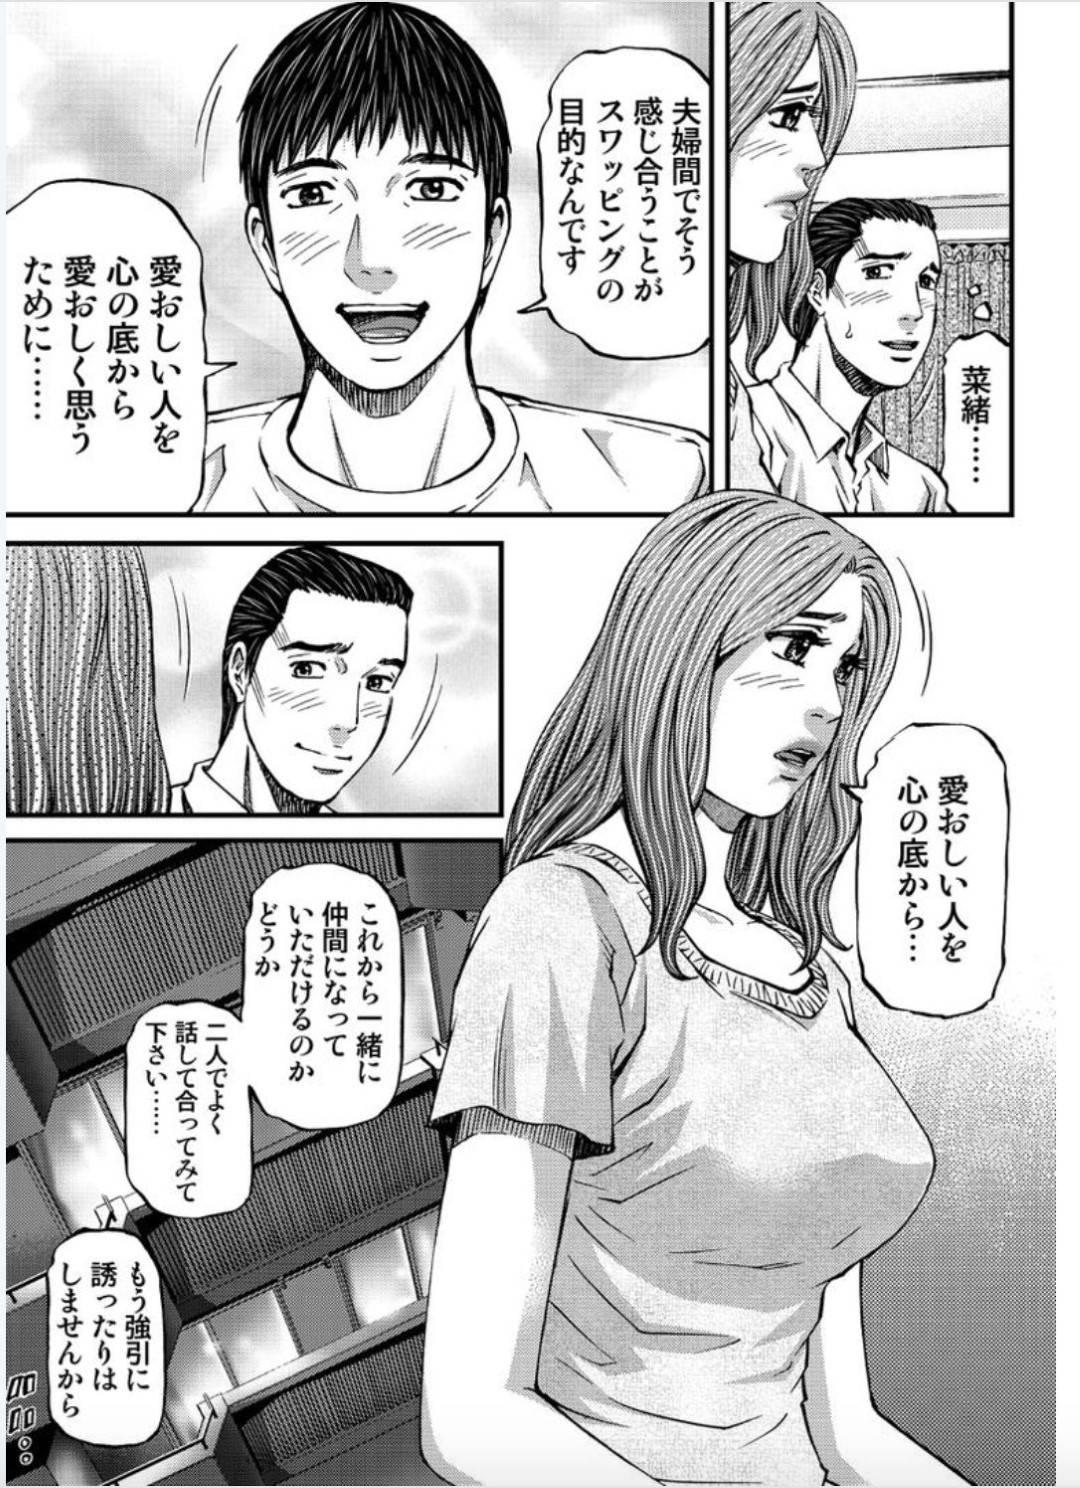 【エロ漫画】夫が他の人妻とセックスしているのを見ながら他の男に抱かれる妻は、お互いの姿に興奮し激しい生ハメセックス